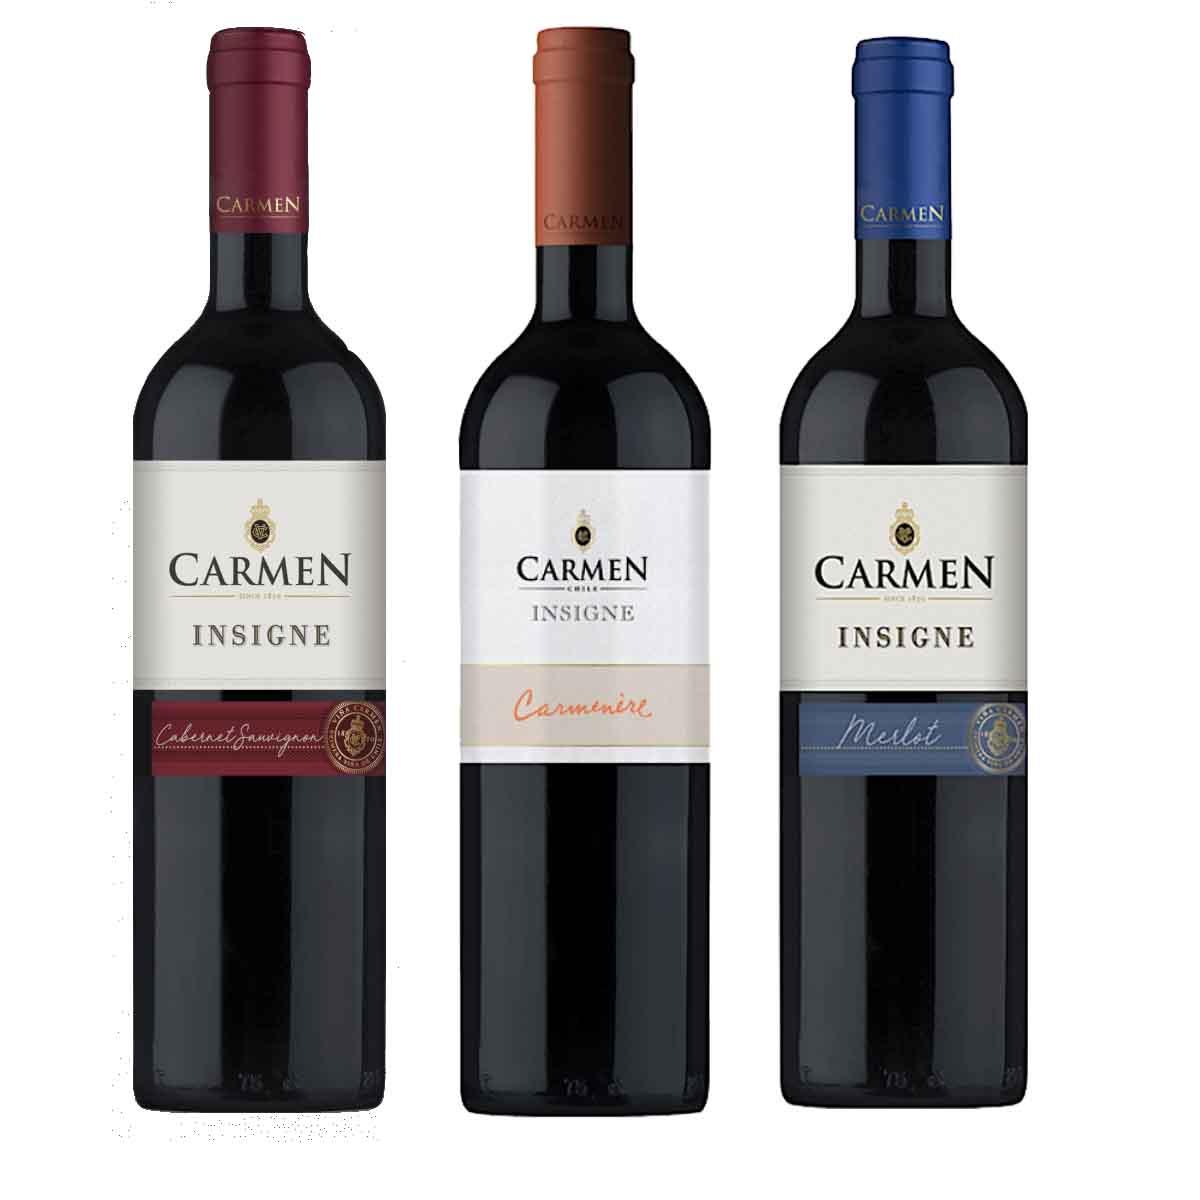 Kit 3 Vinhos Carmen Tinto Chile C. Sauv. Carmenere e Merlot